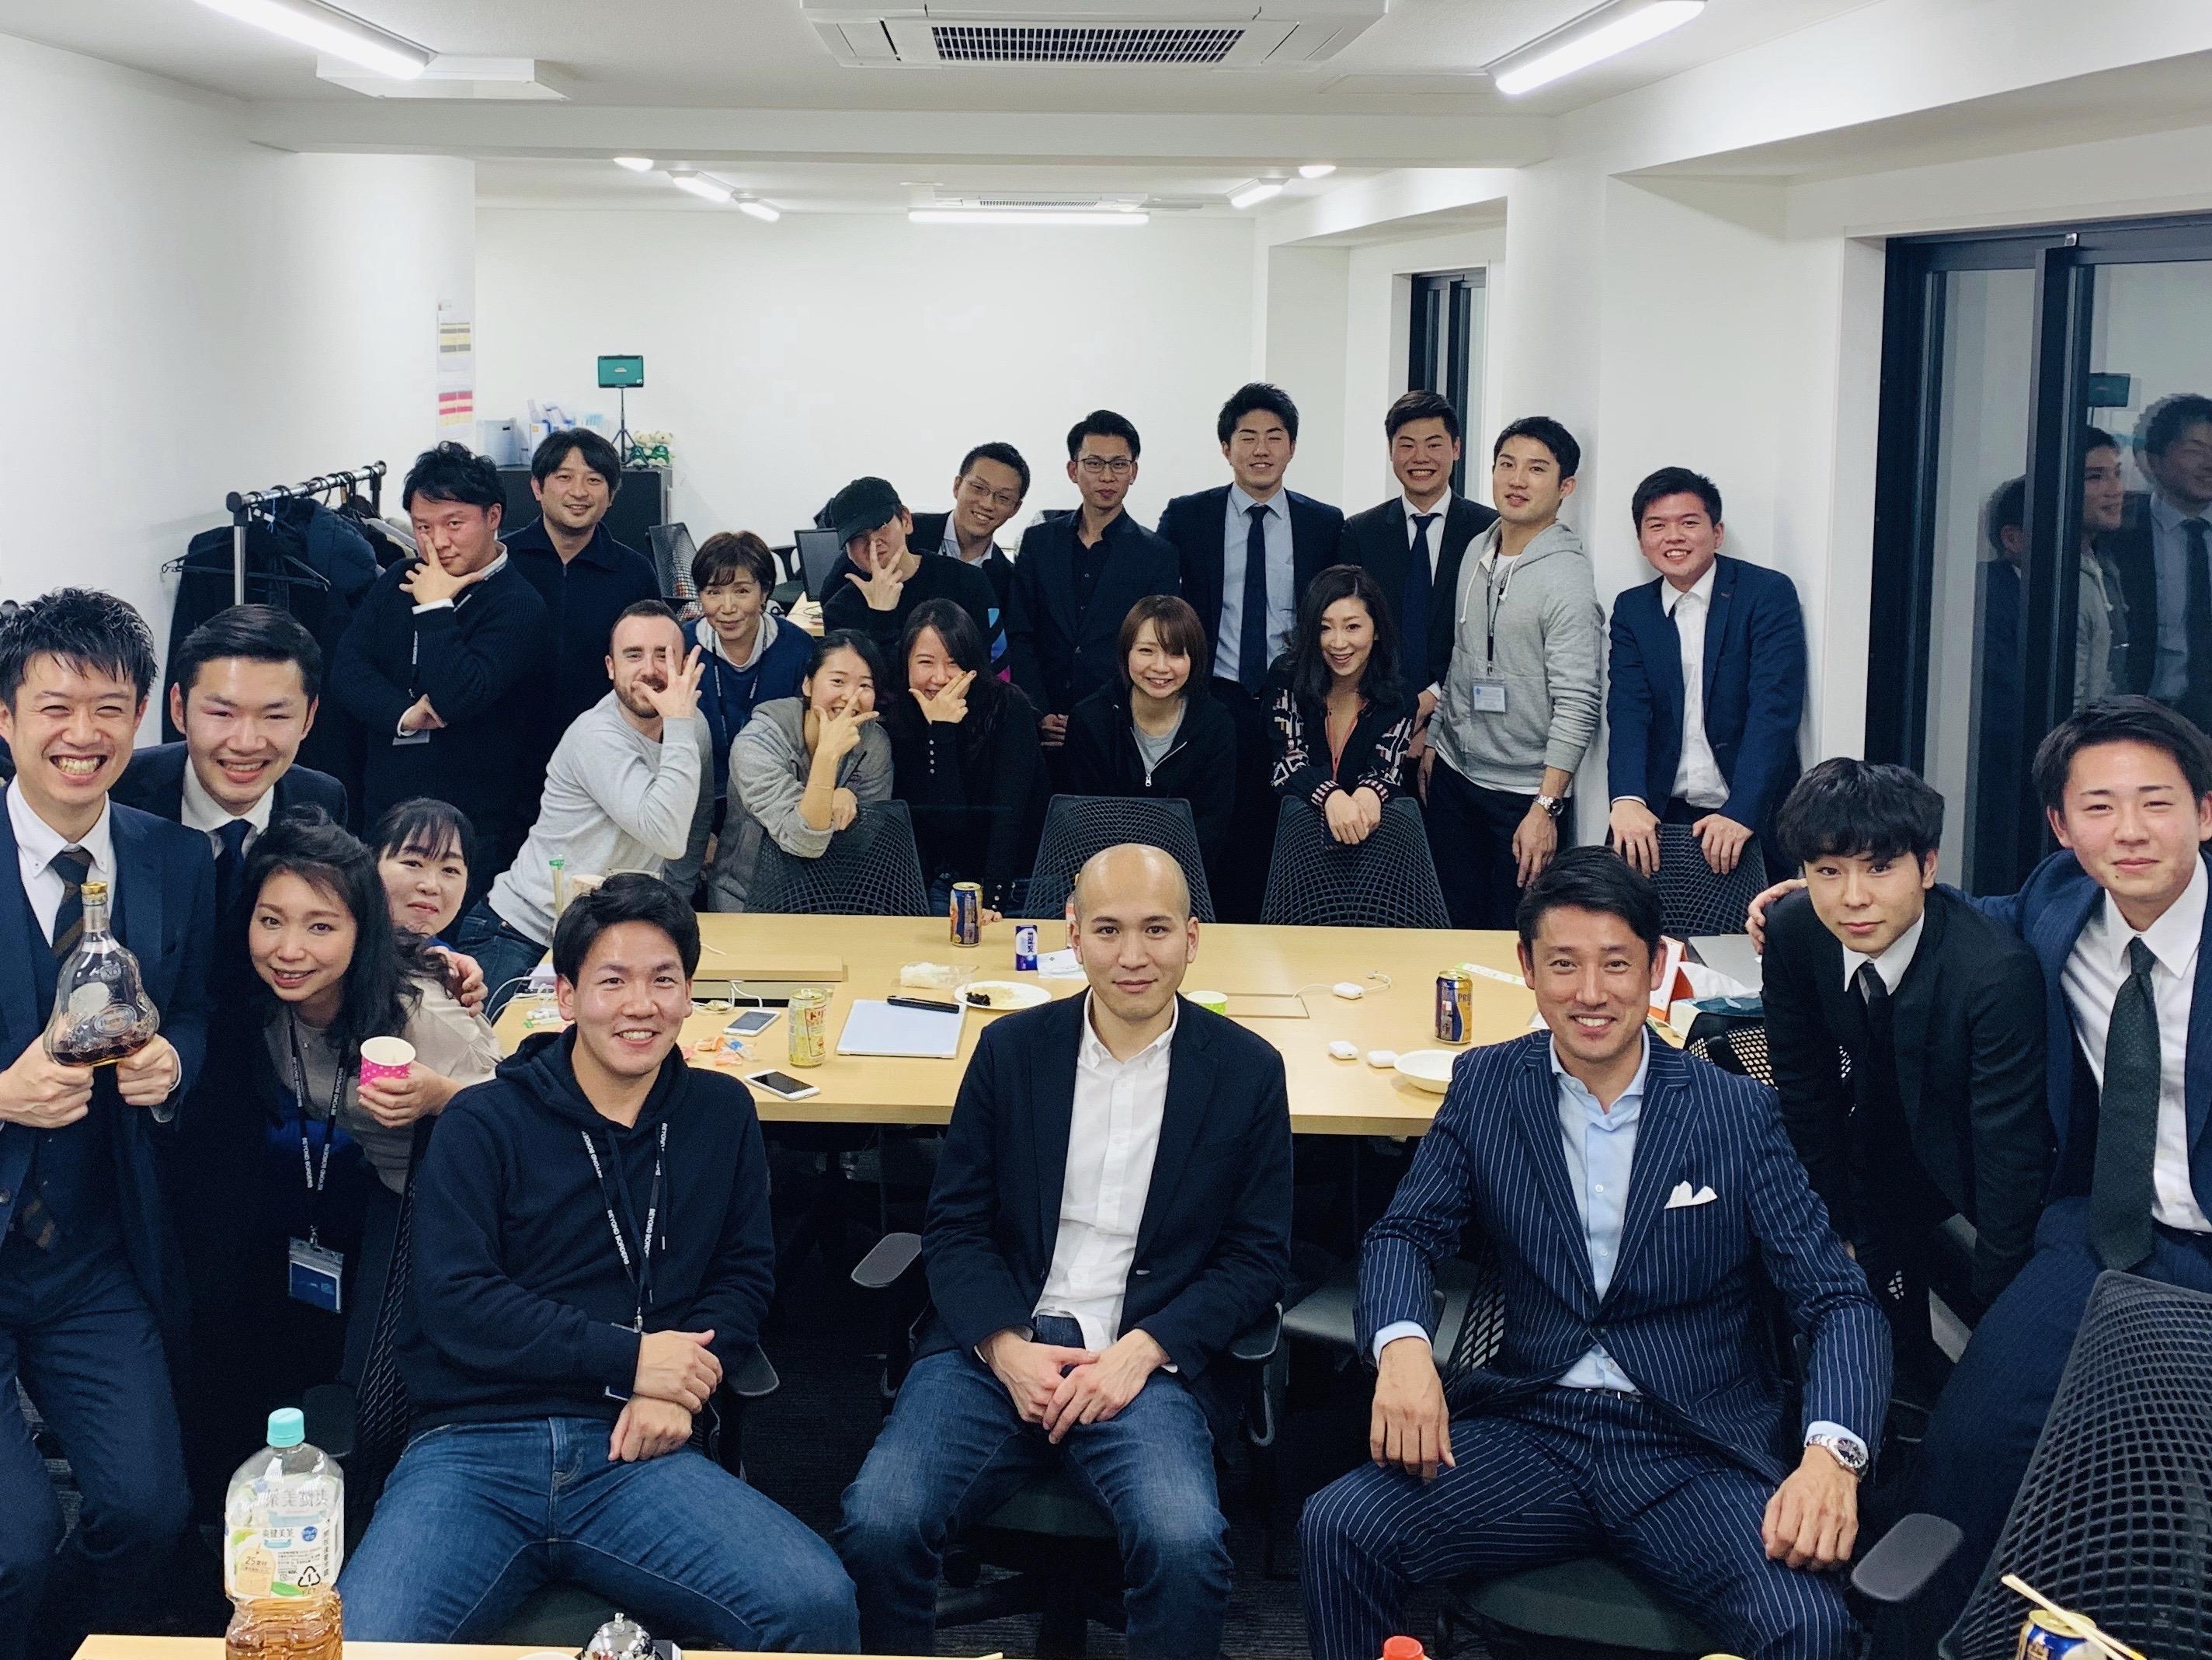 多様性に富んだメンバー/オープンなカルチャー(写真:東京オフィスのメンバー)